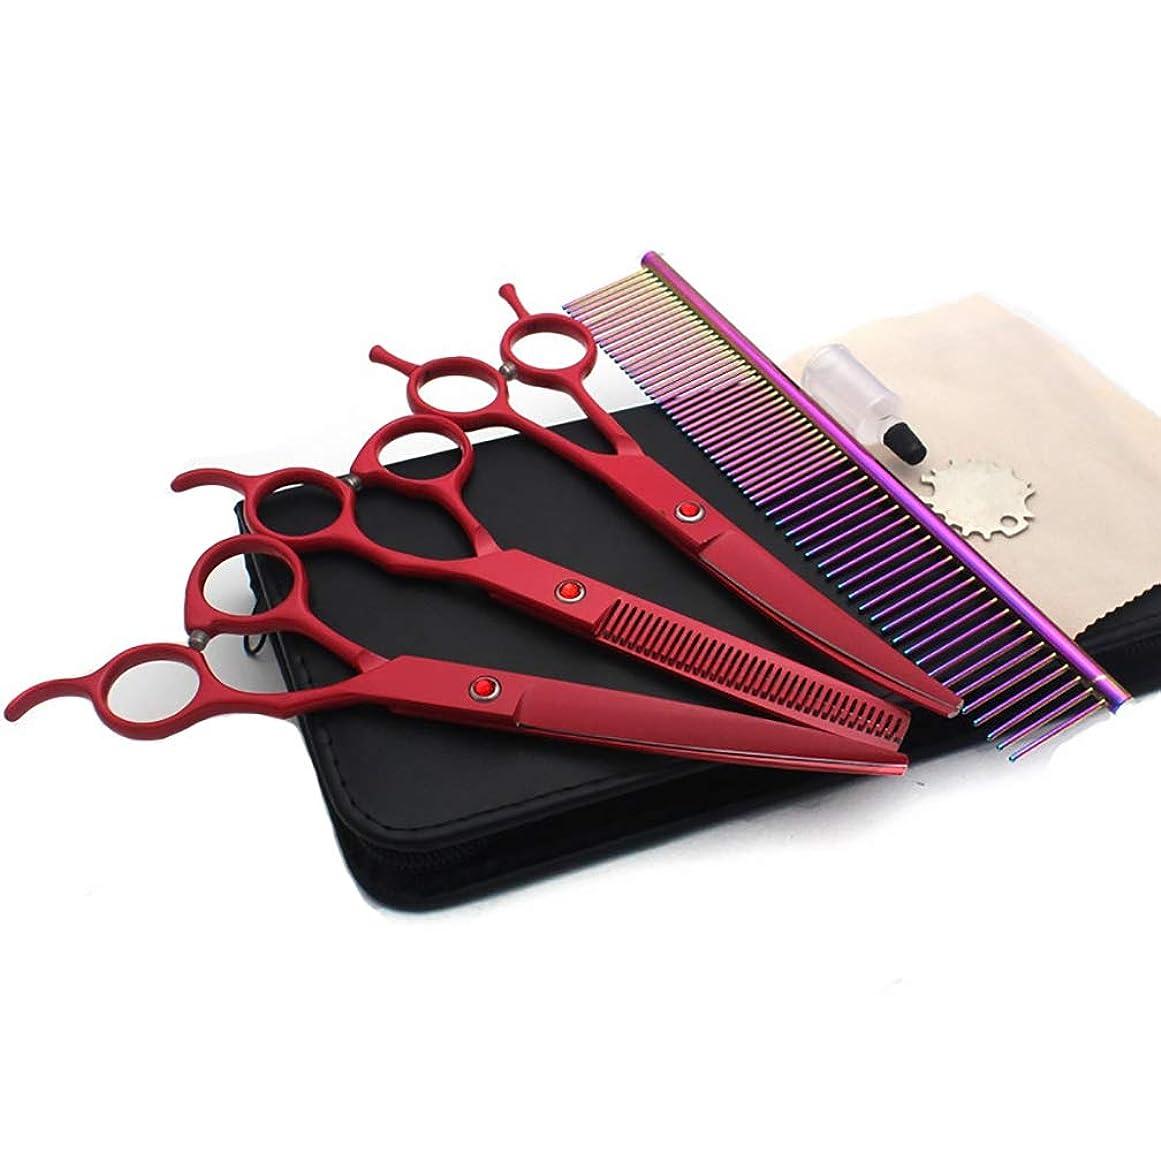 神経曲がった学期7.0インチペット用ハサミ、プロ用ペット用ハサミ。 理髪店/ペットショップや個人的な使用に適しています